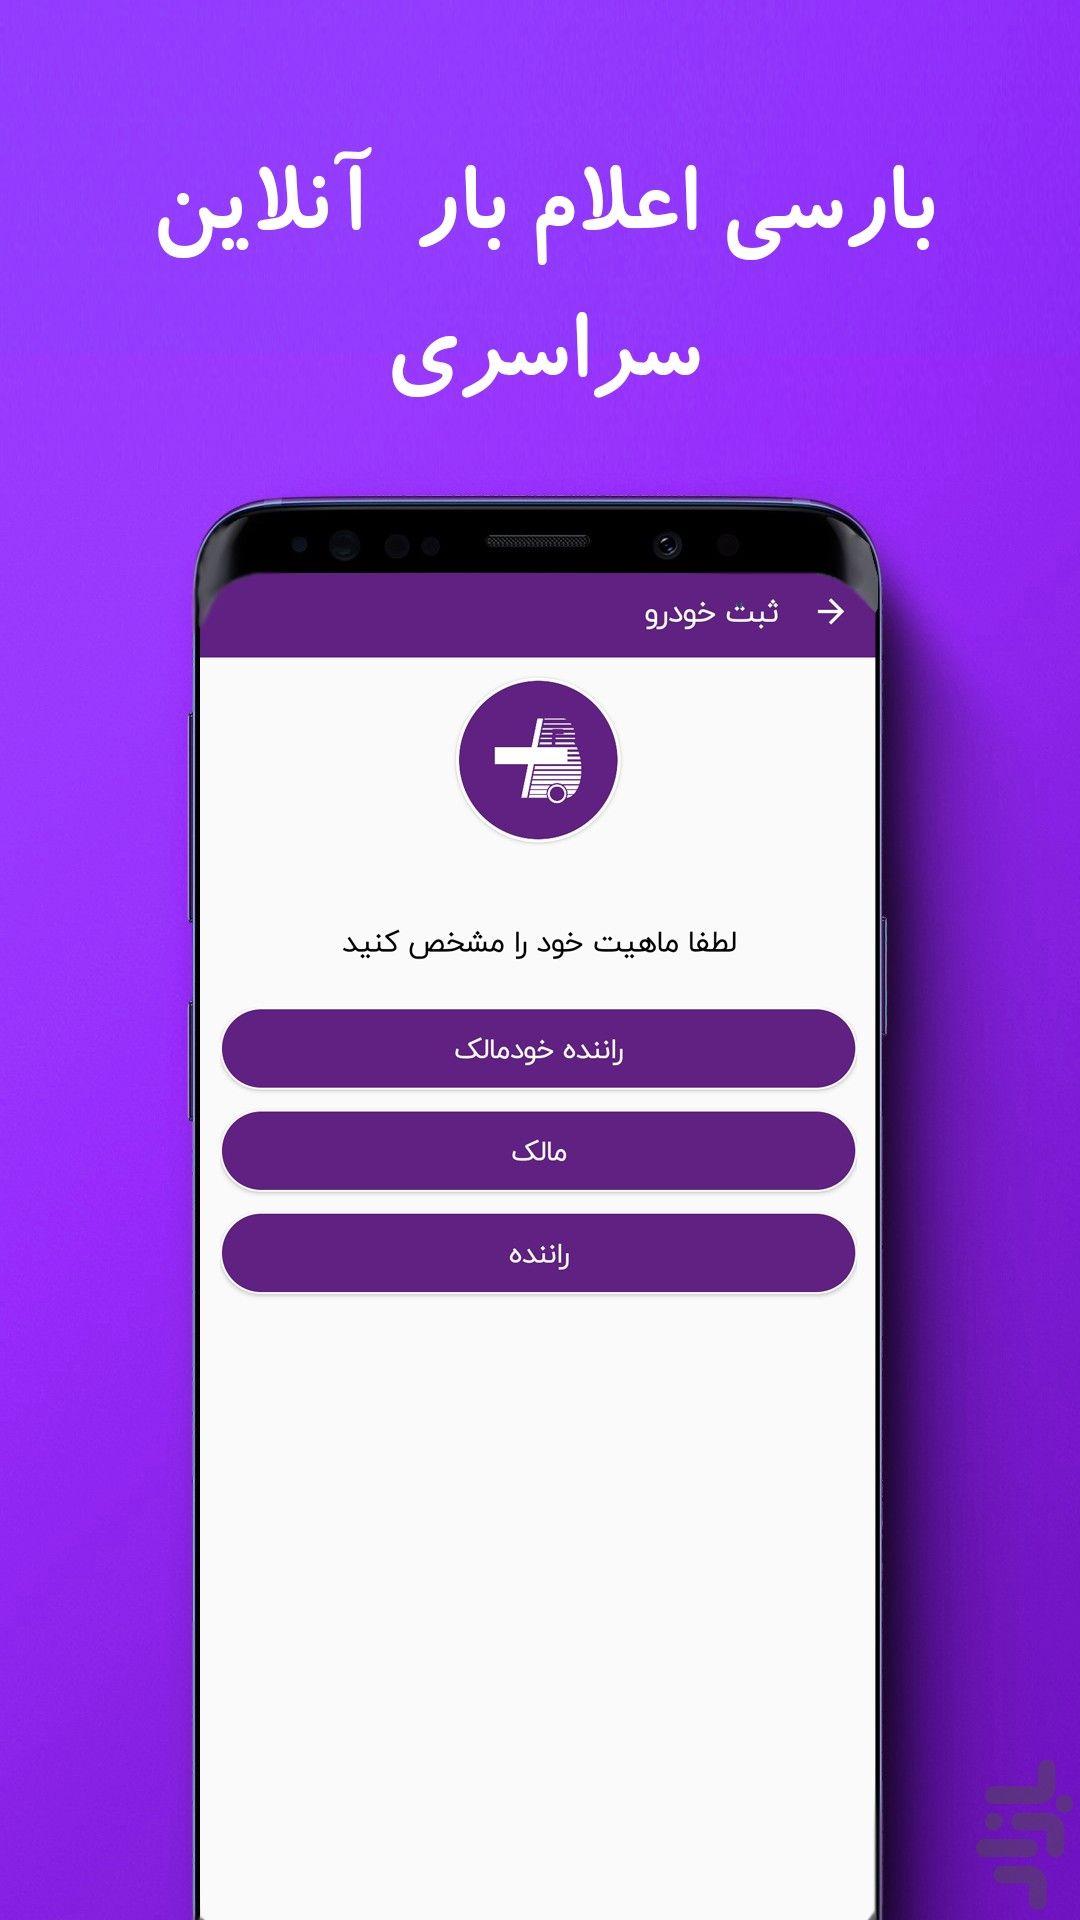 اپلیکیشن بارسی باربری آنلاین و سامانه سراسری حمل بار هوشمند (نسخه راننده و صاحب بار)